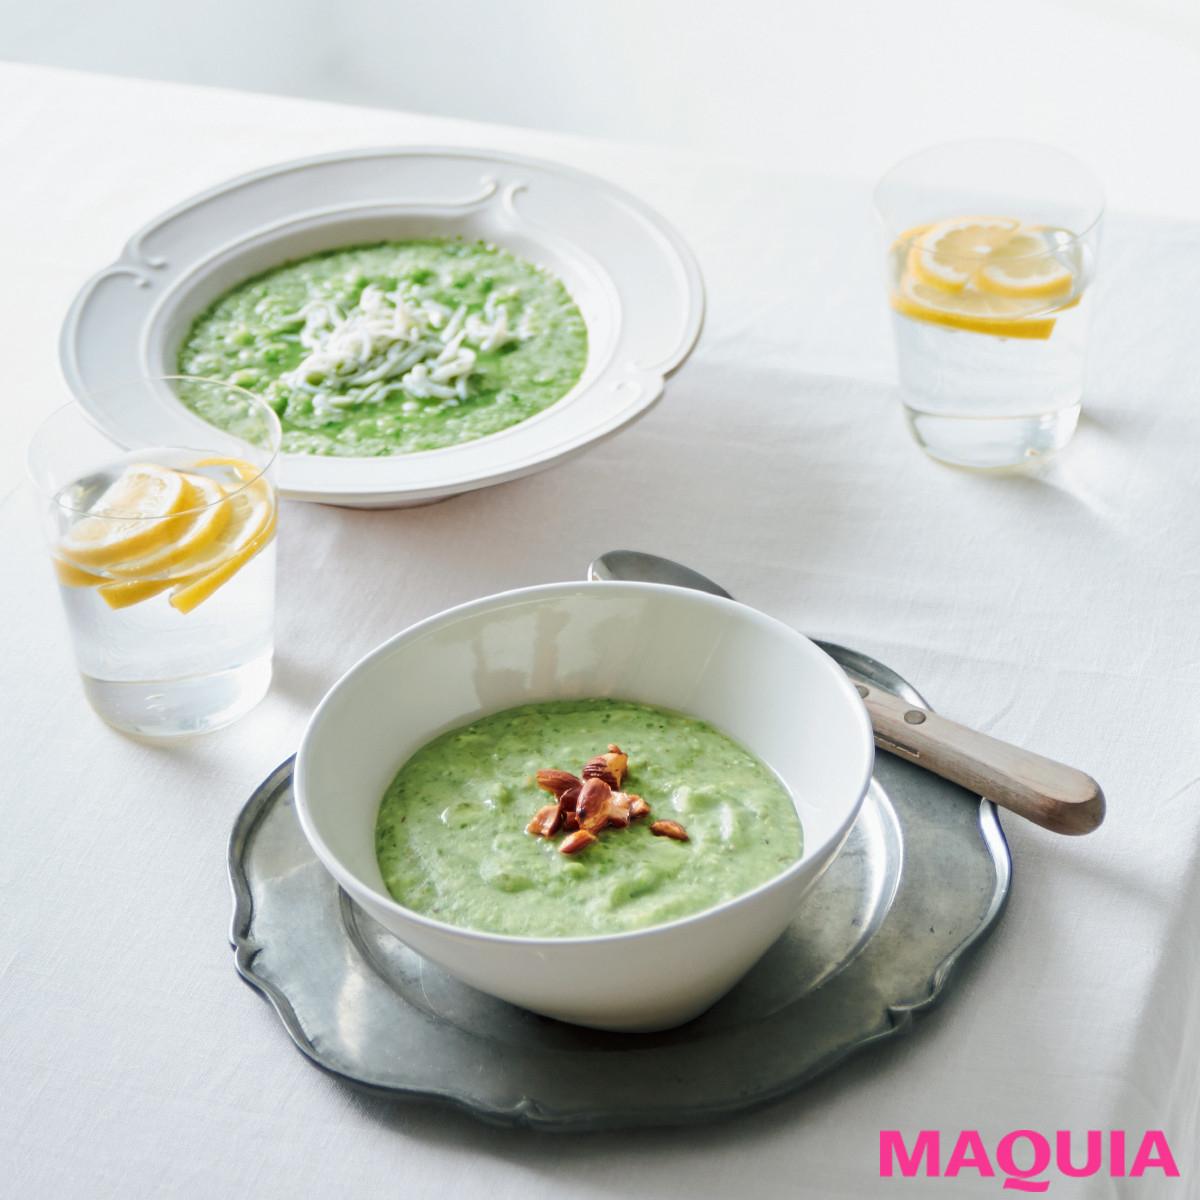 飲むだけで疲労回復&美肌に効く! Atsushiの「美腸スープ」で夏バテを解消